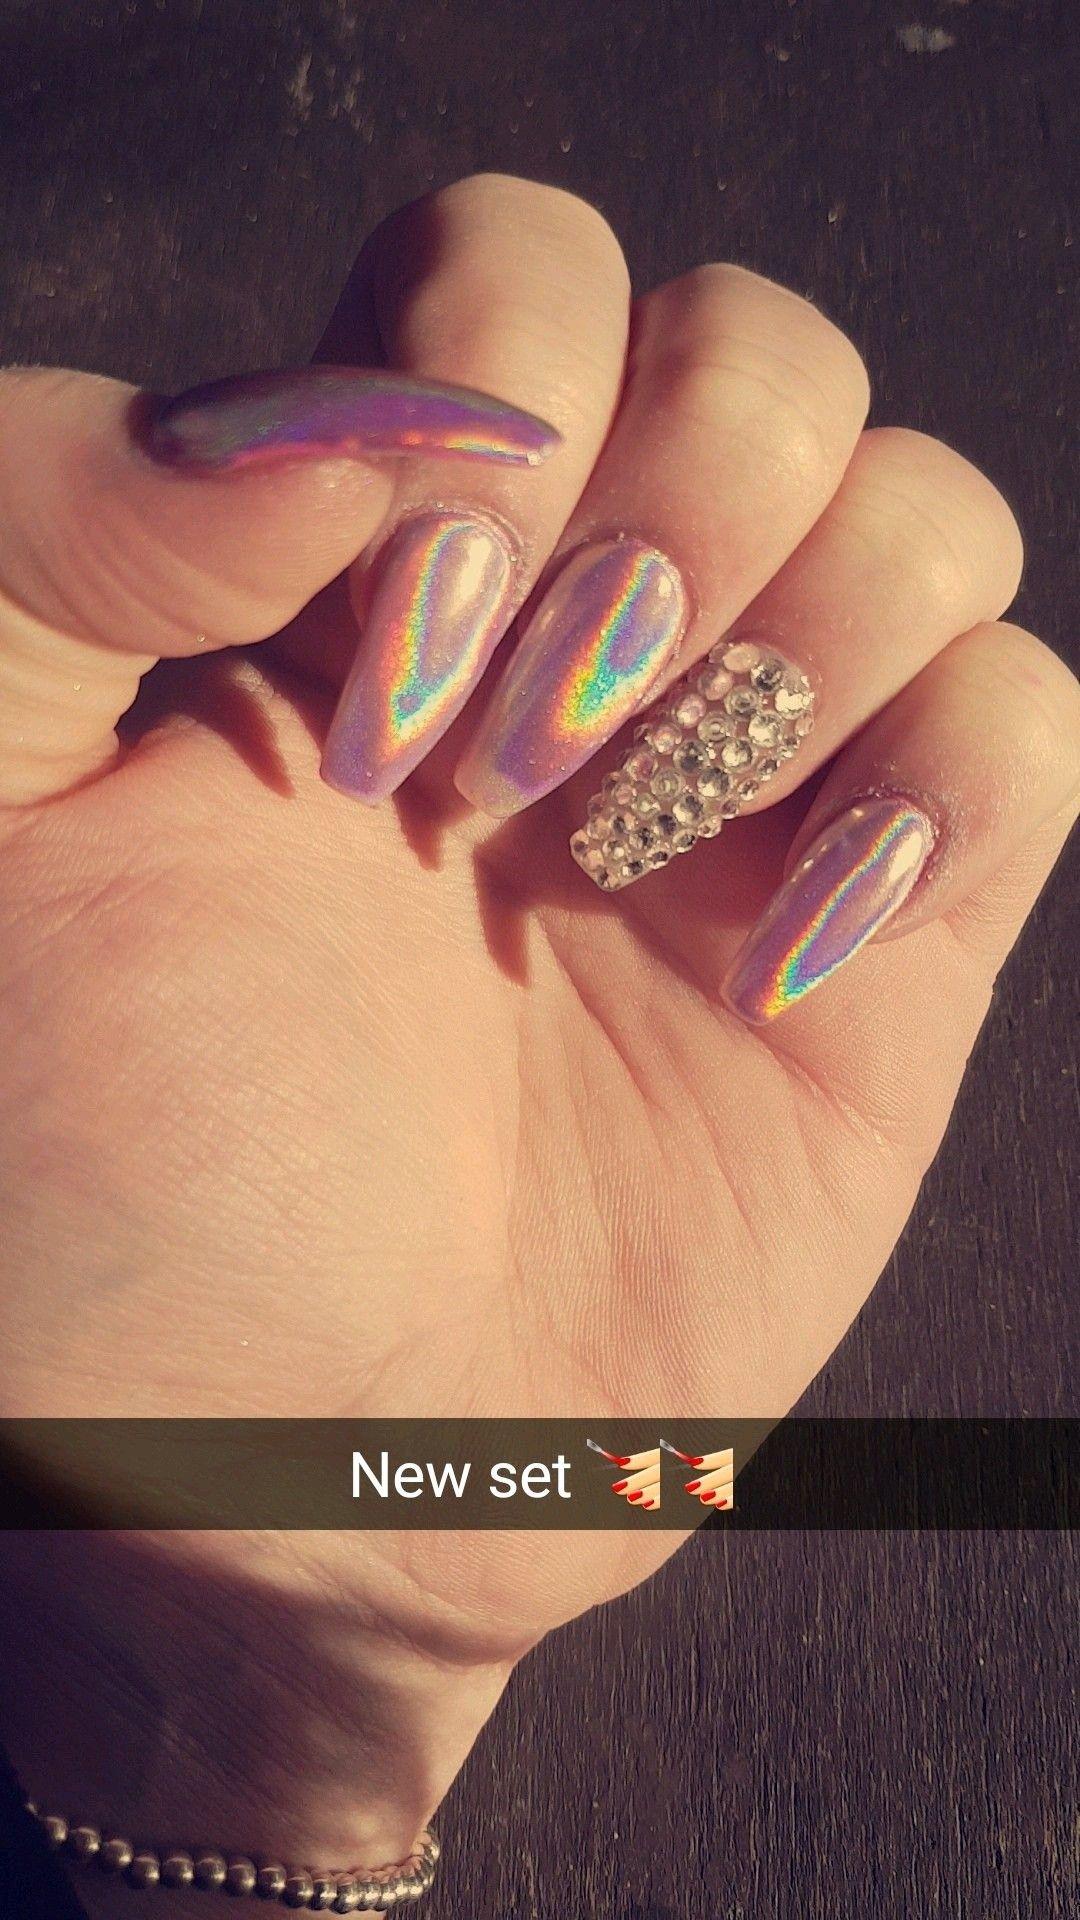 Short nails Diamond nails Holographic nails | nails | Pinterest ...